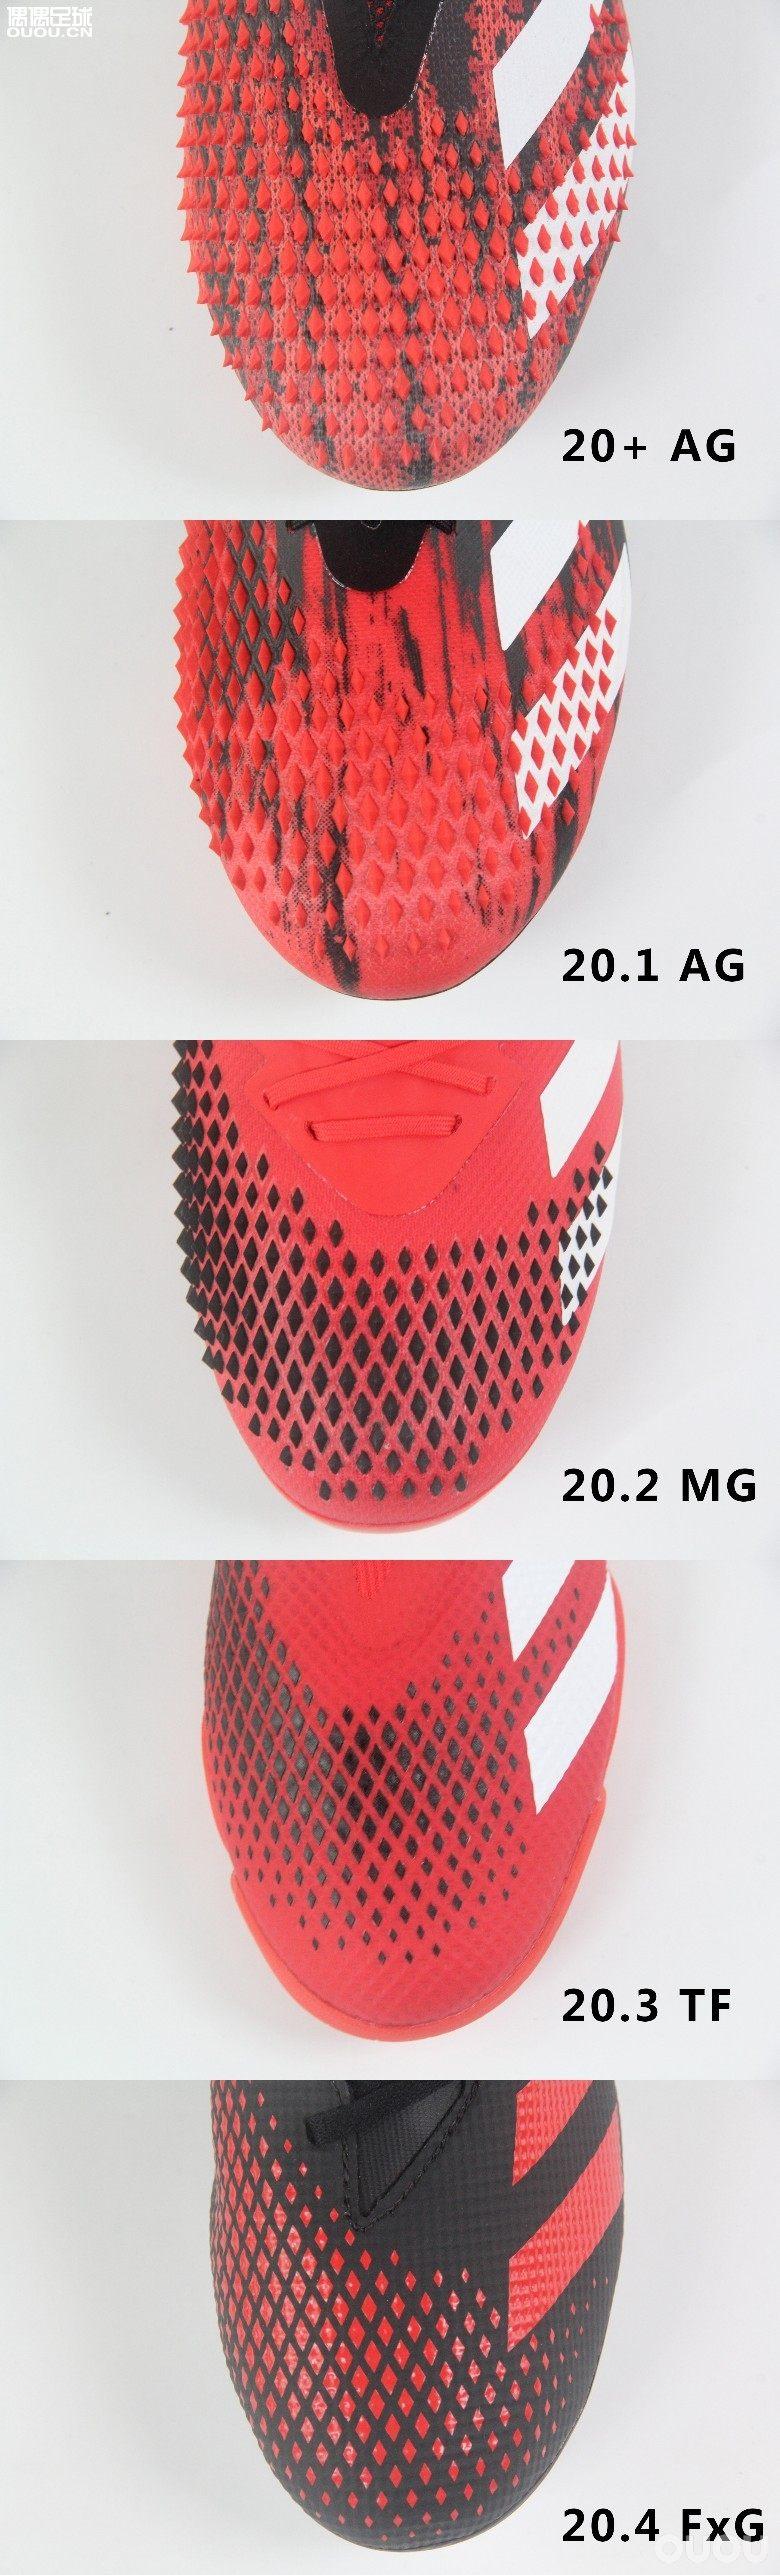 要买鹰,选对鞋很重要!阿迪达斯猎鹰Predator 20全系列详细对比